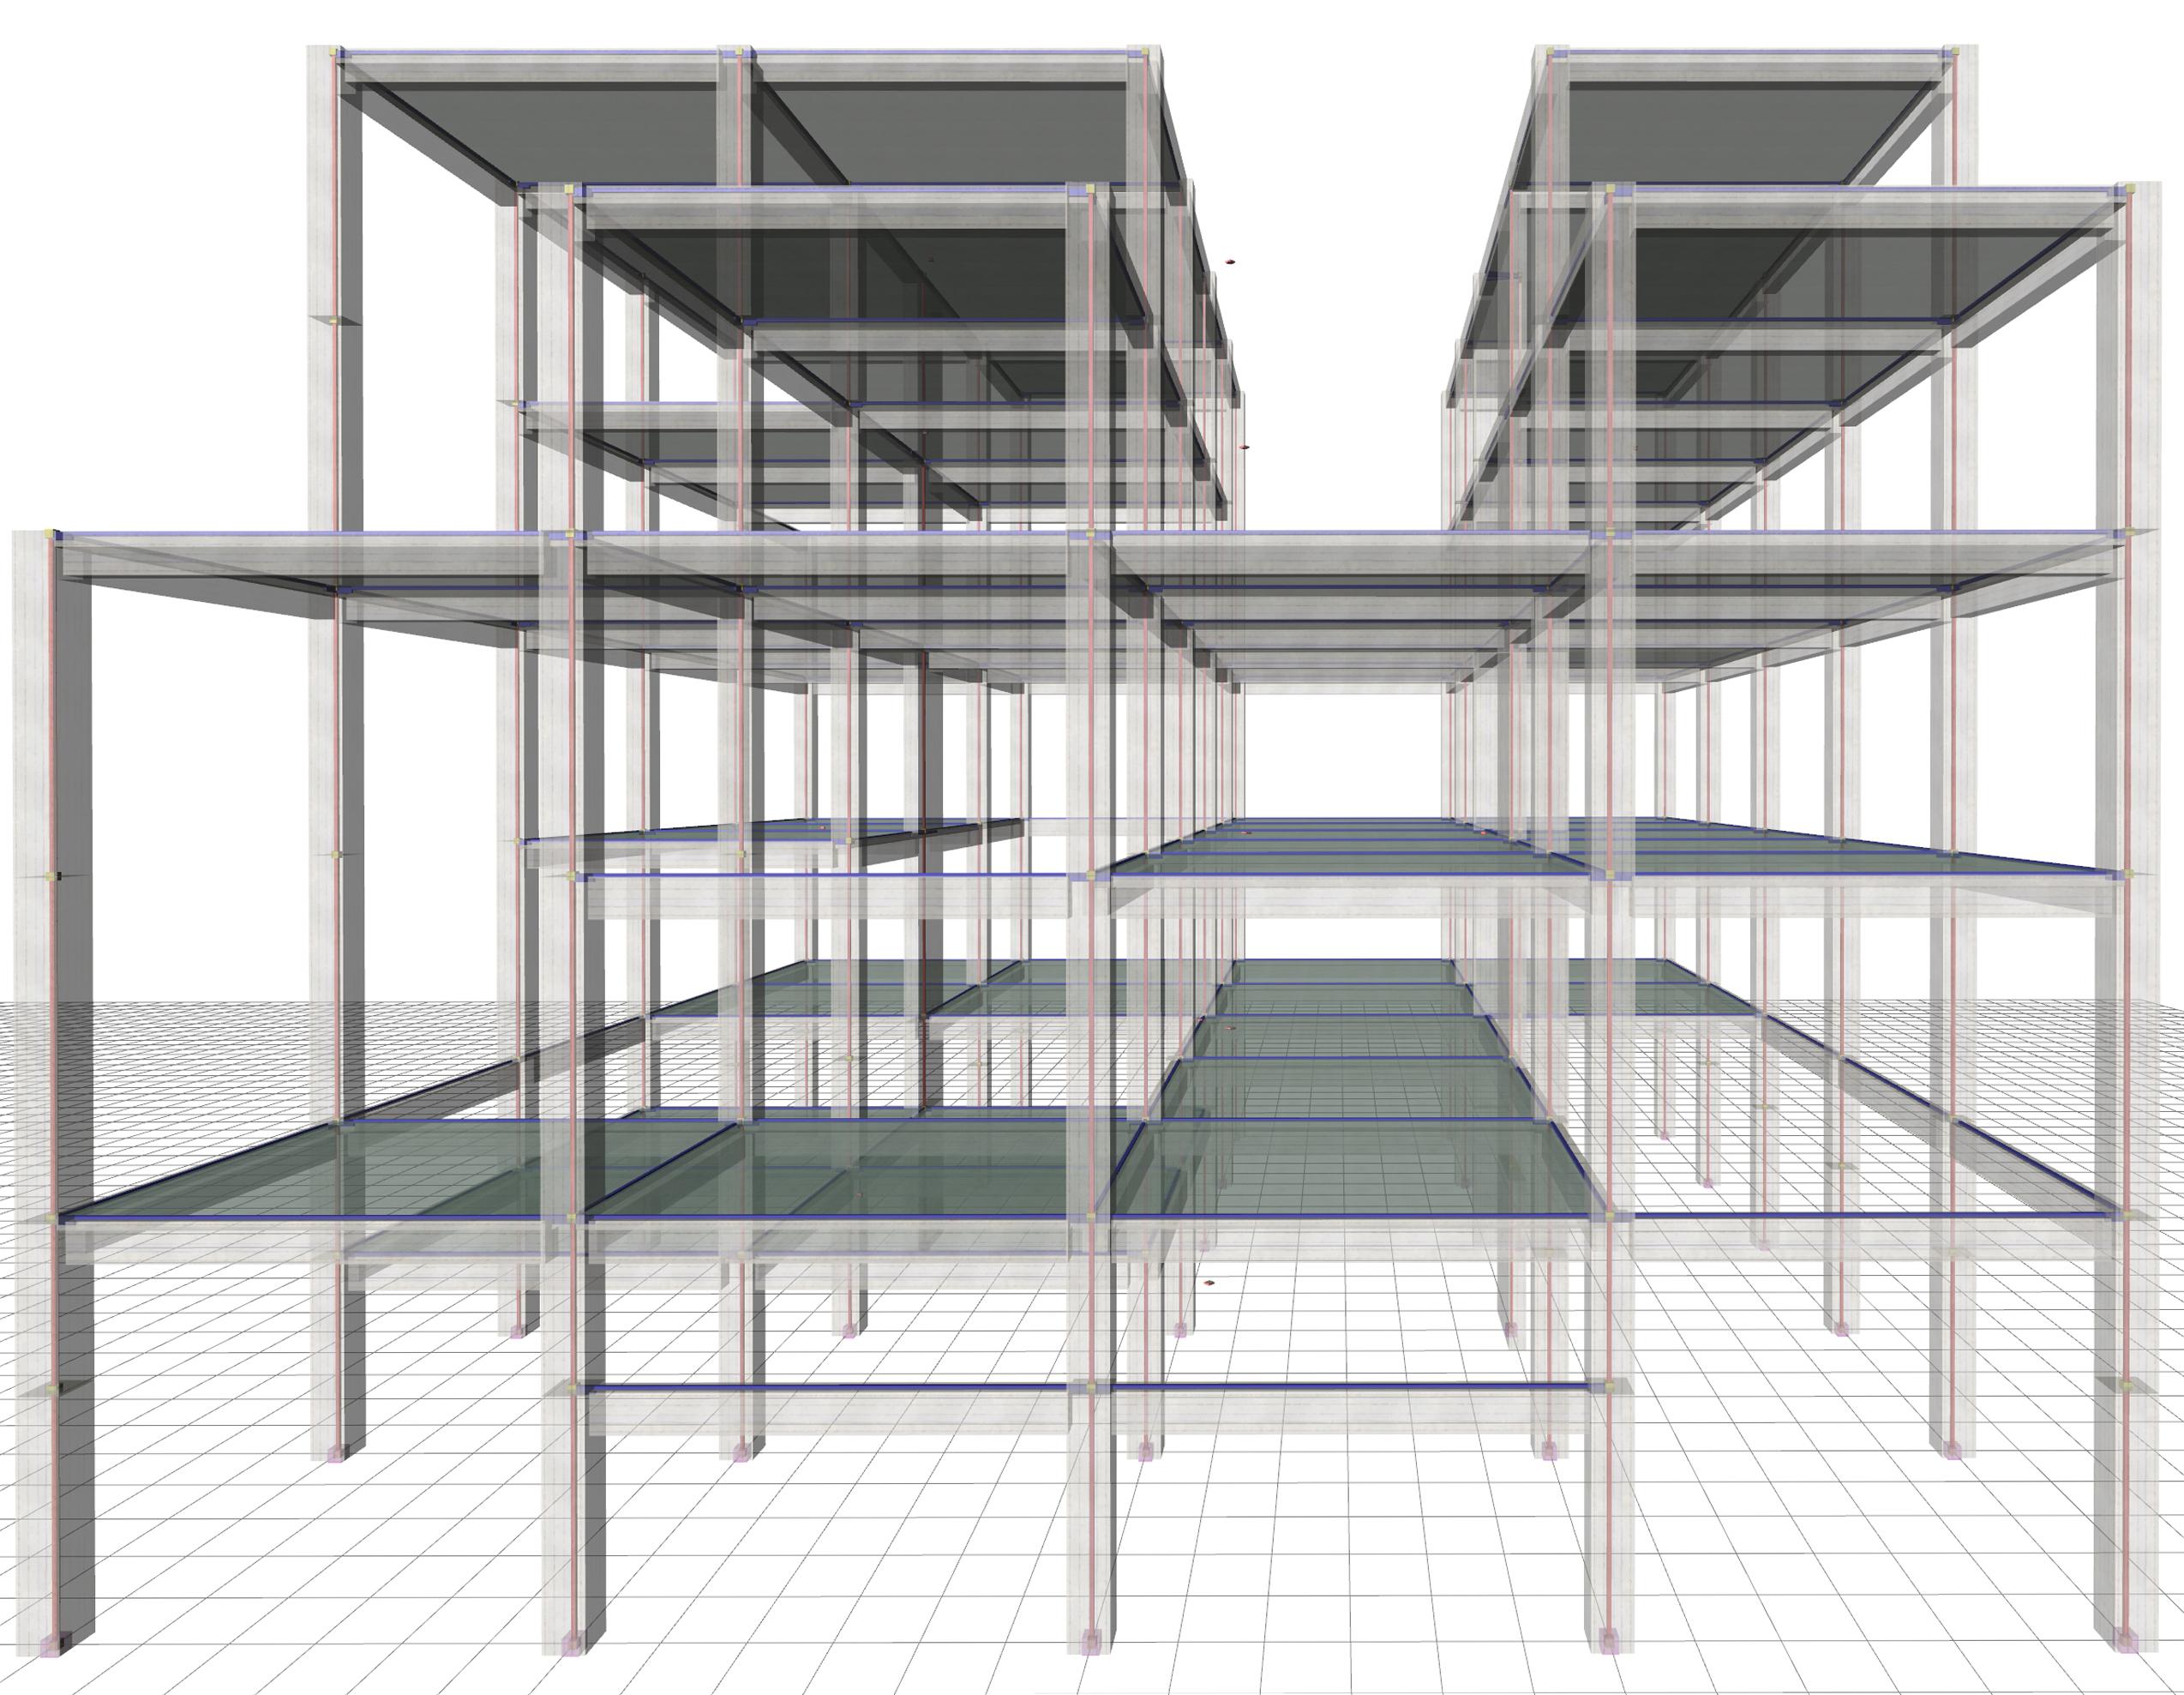 APPENDIX D www.BuildingHow.com